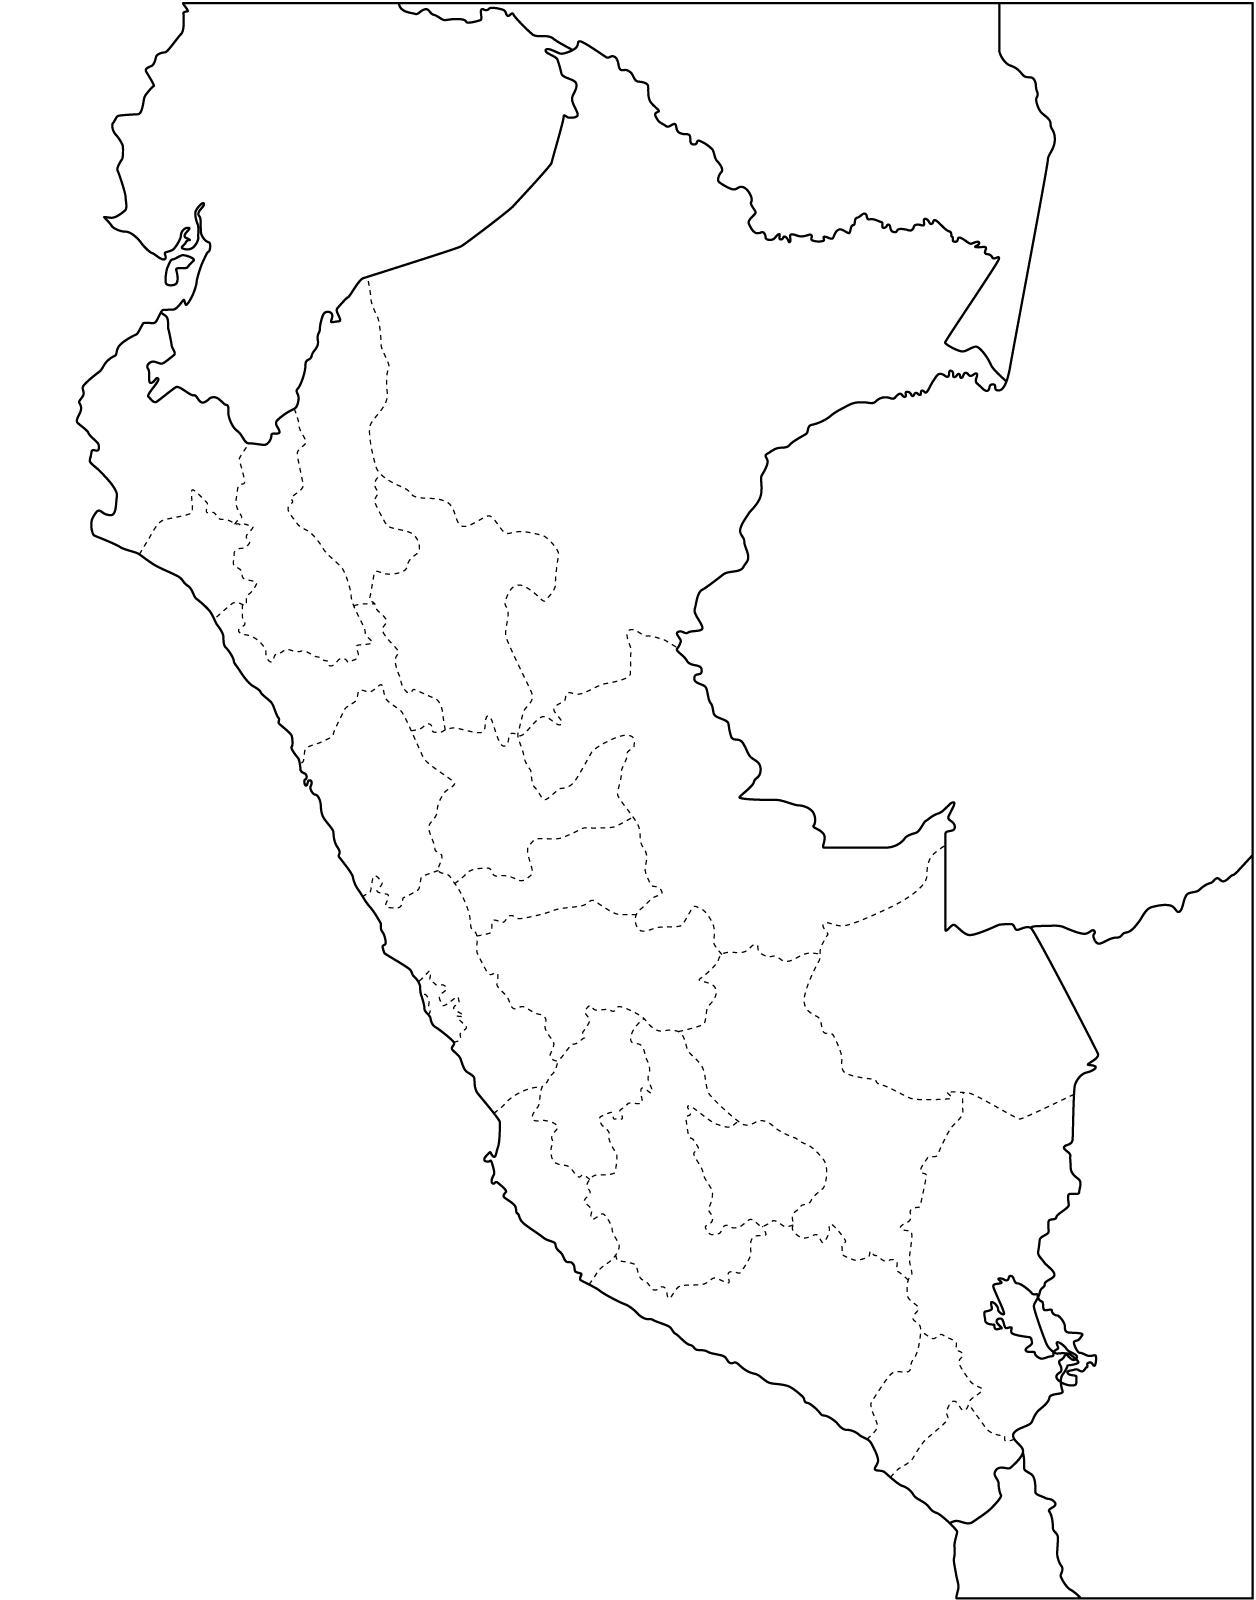 Mapa de departamentos de Perú. Freemap